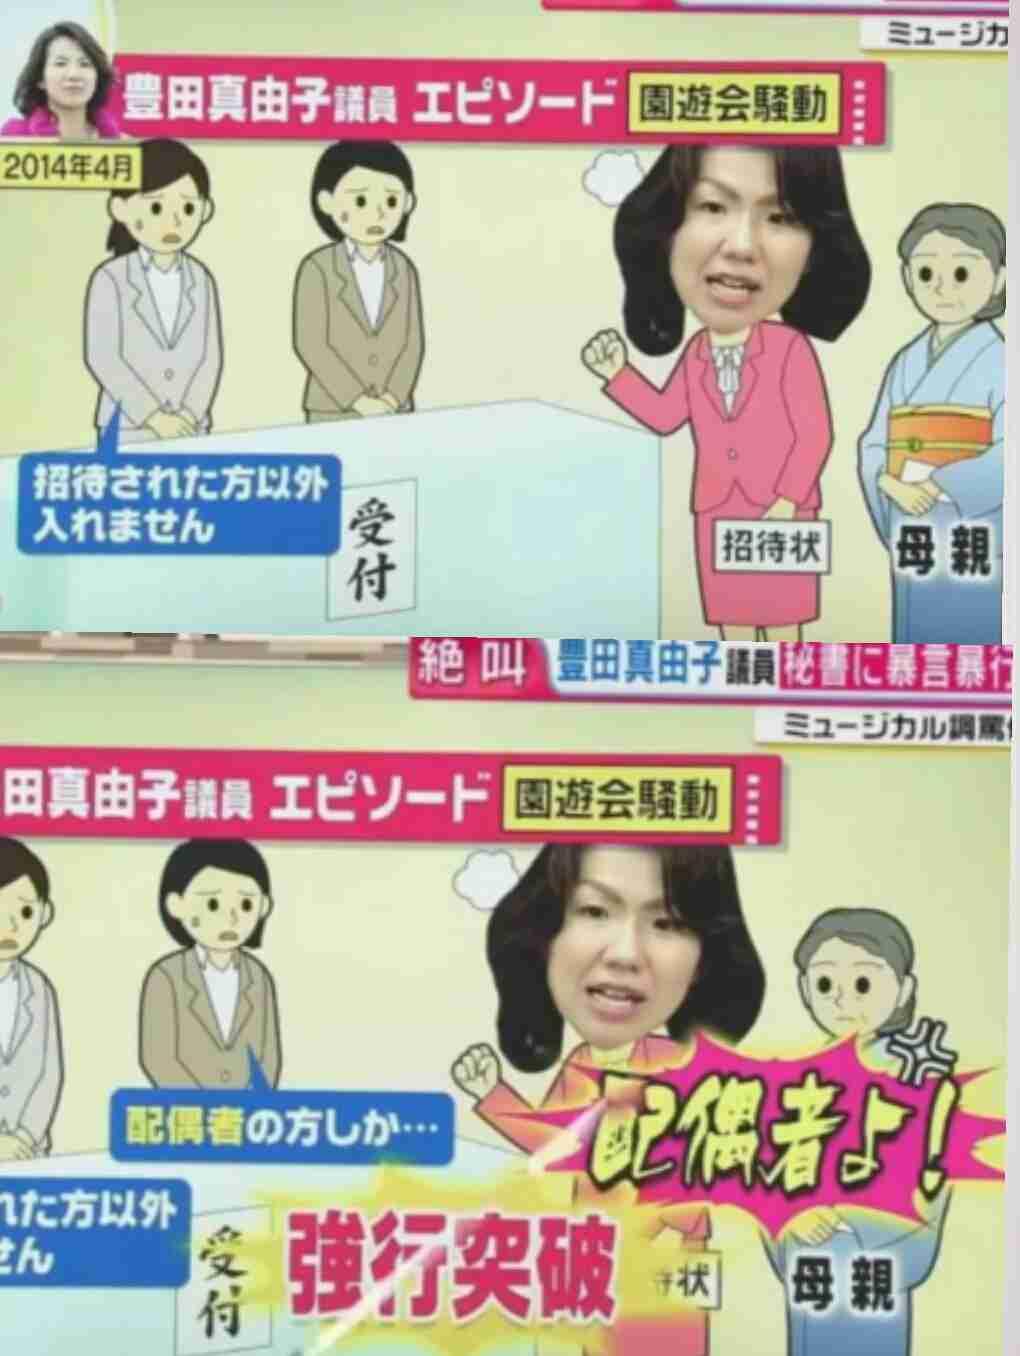 豊田真由子議員、「吐いてでも食え!」「娘の顔にマジックで書け」と罵倒…元秘書ら緊急座談会で暴露